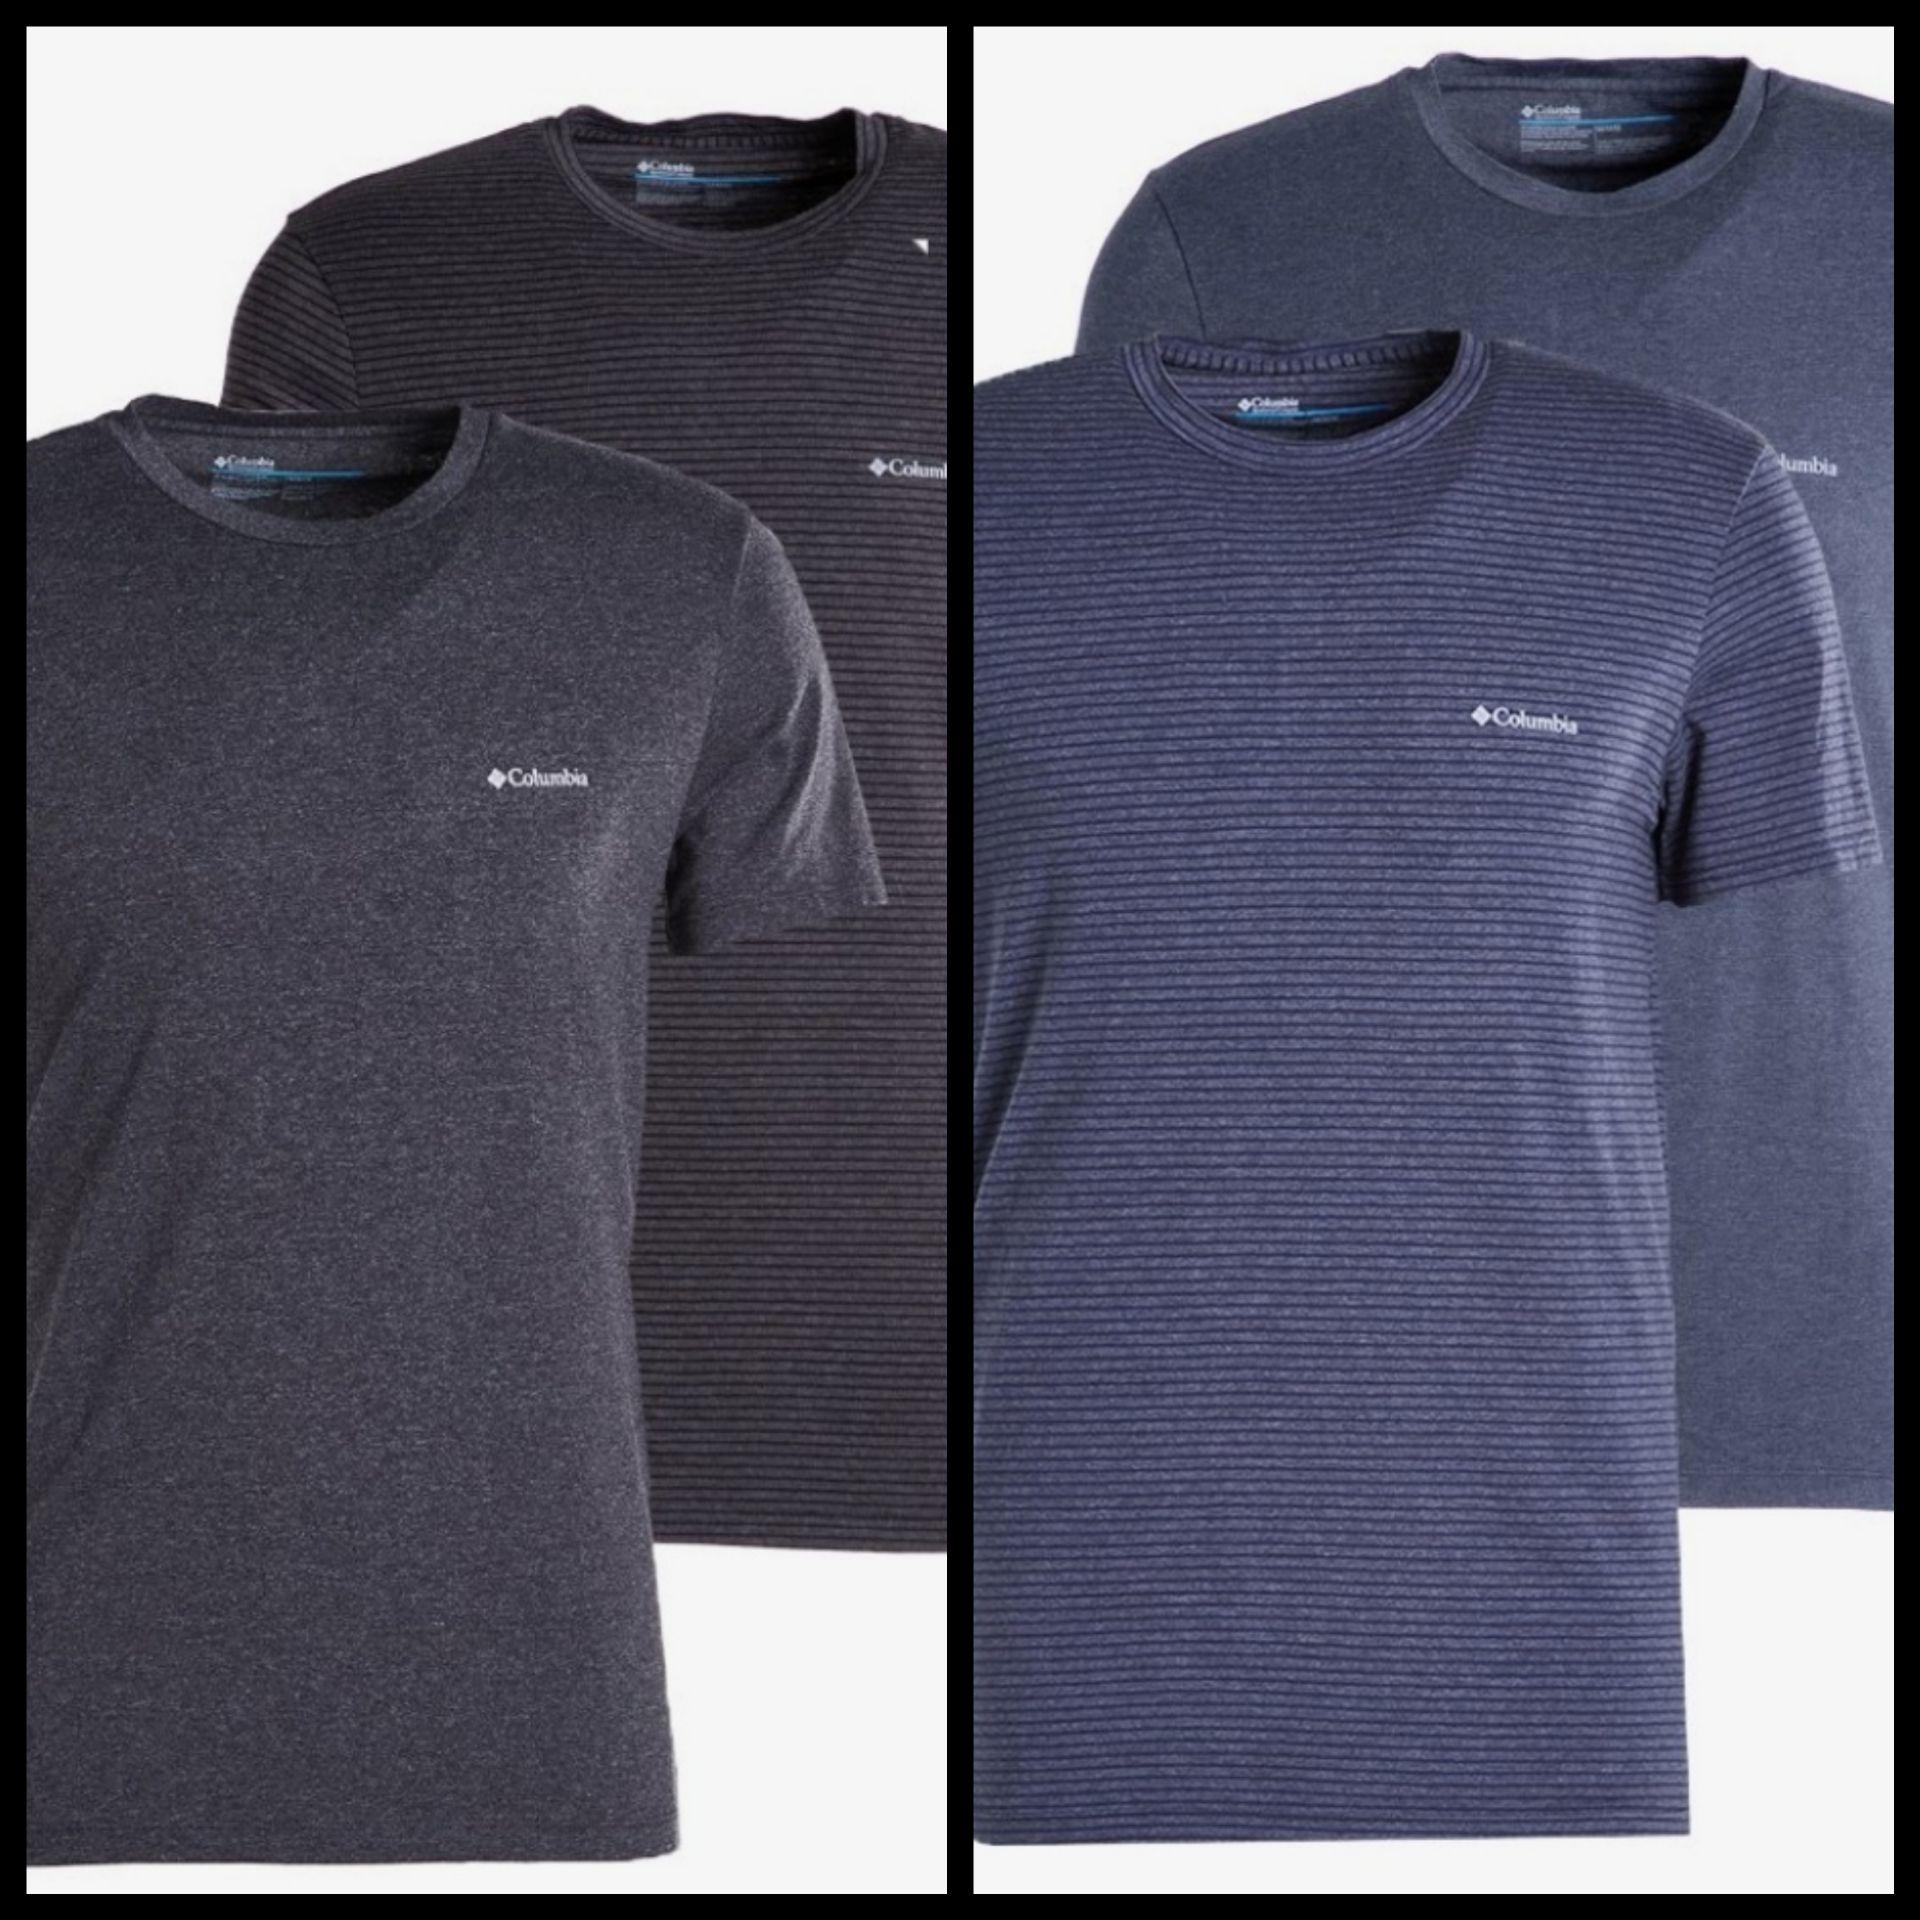 Pack 2 Camisetas Columbia para Hombre (2 colores). Tallas desde S a XXL